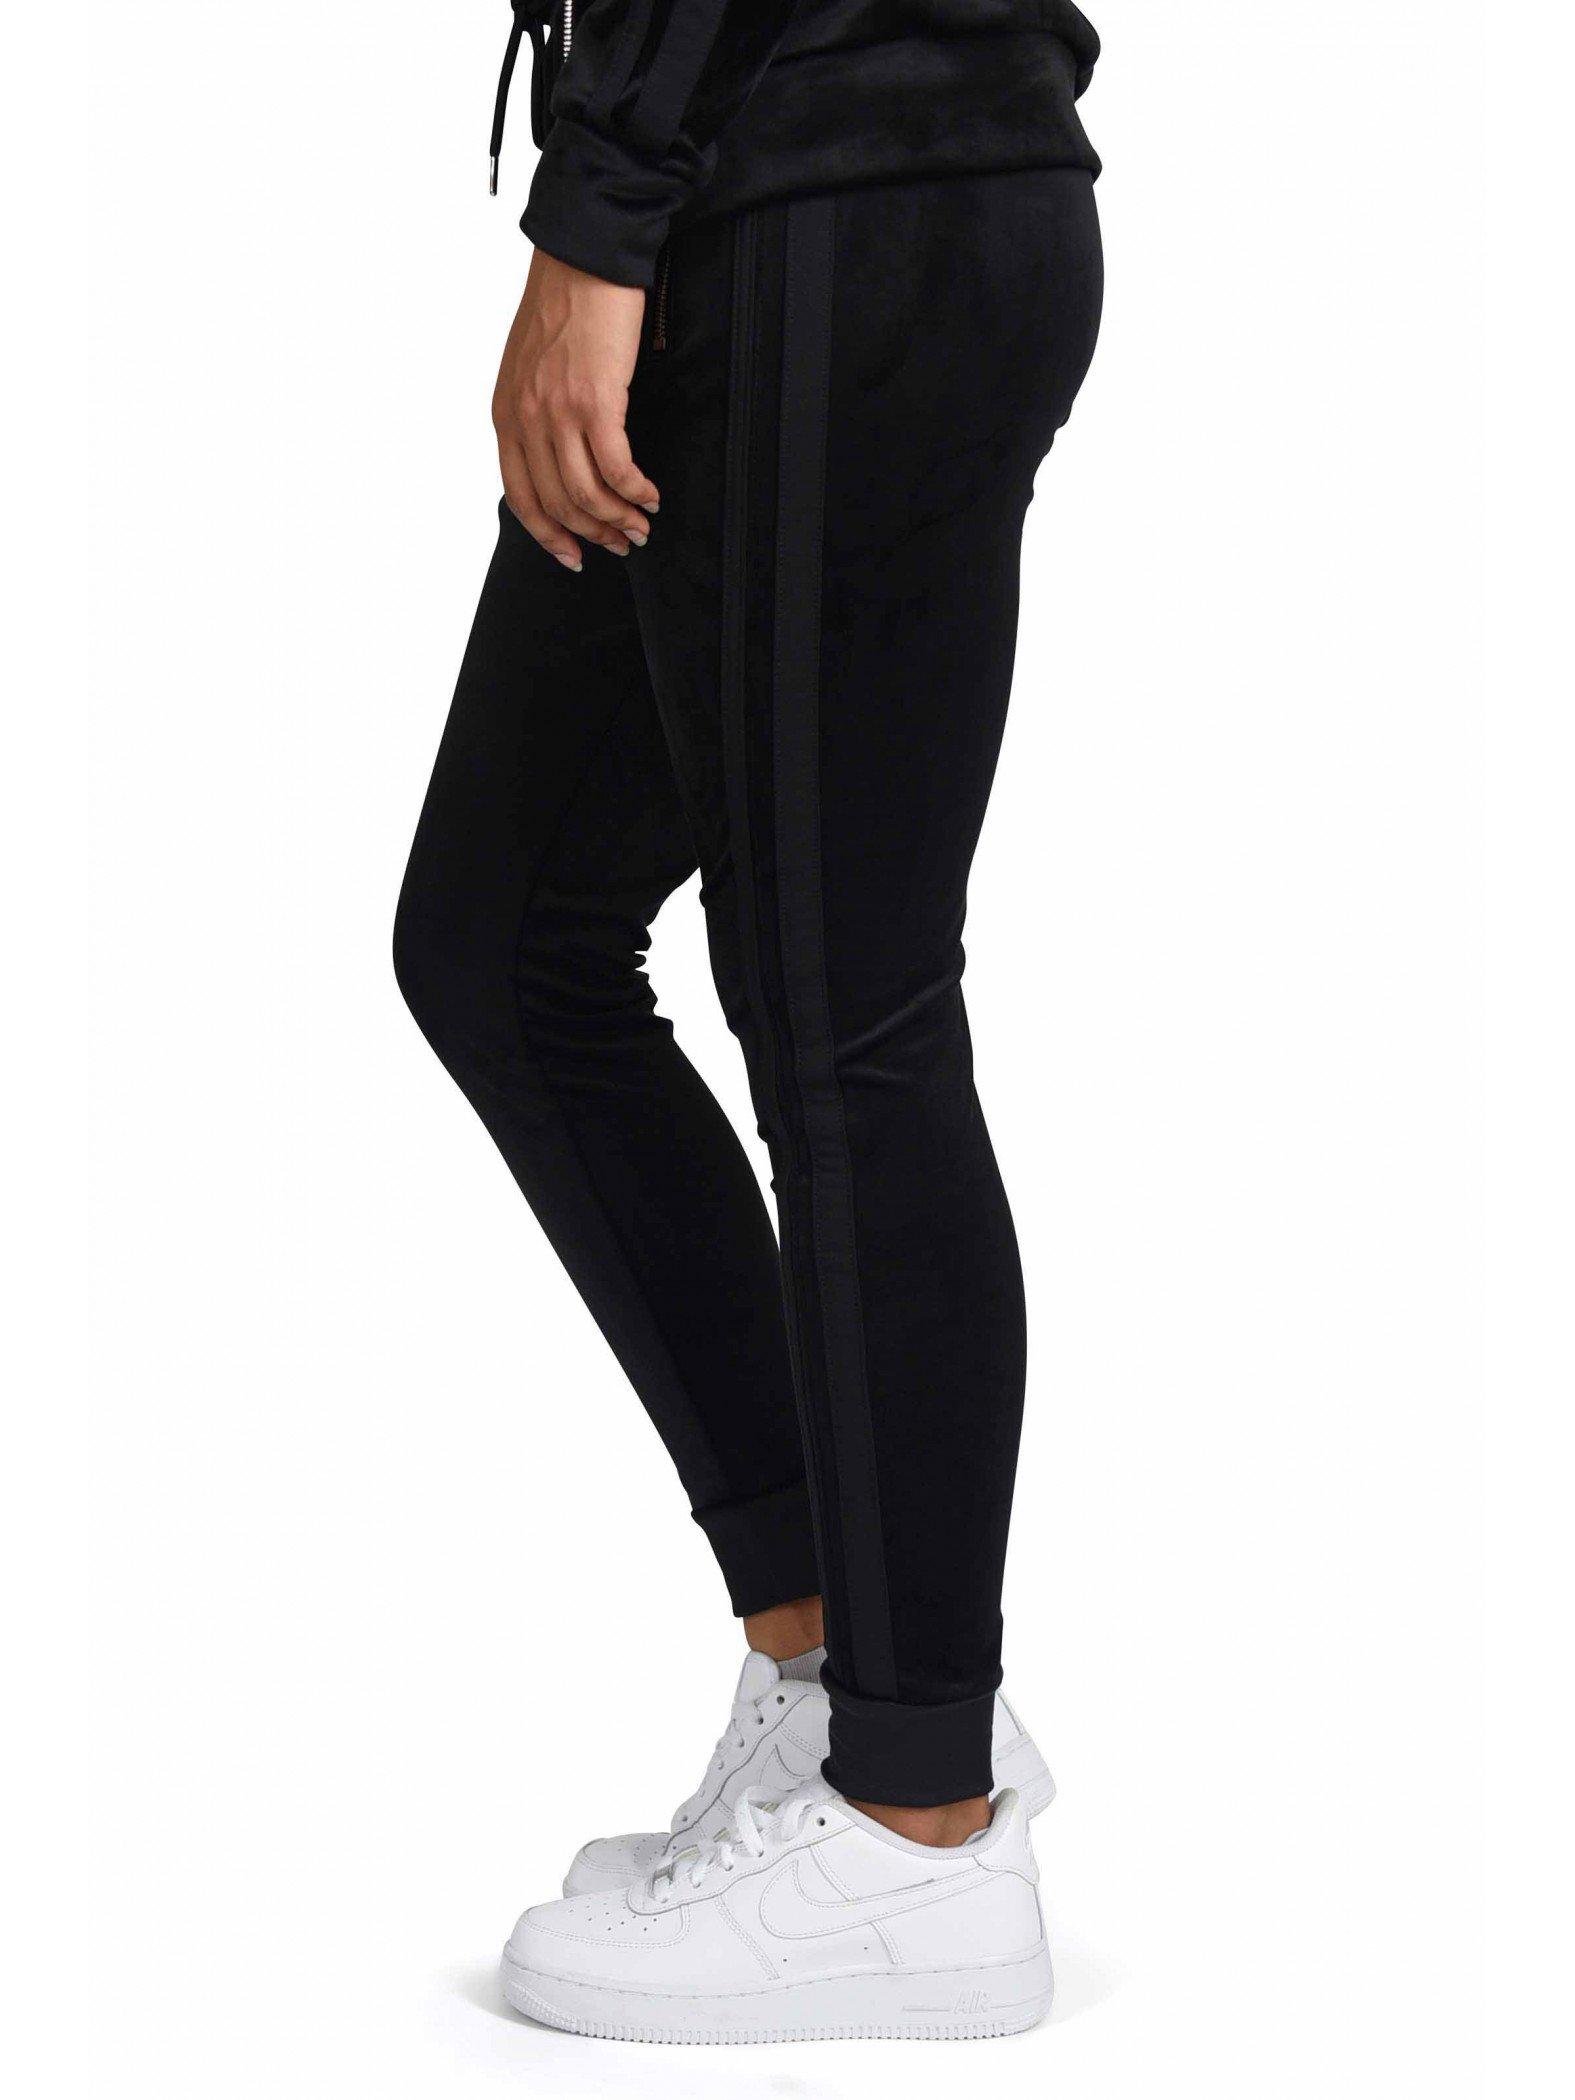 new arrival 80adc 2fbb5 Paris Jogging Velvet X Pantalon De Bandes Project Femme Ebay Doubles 8P5fUq